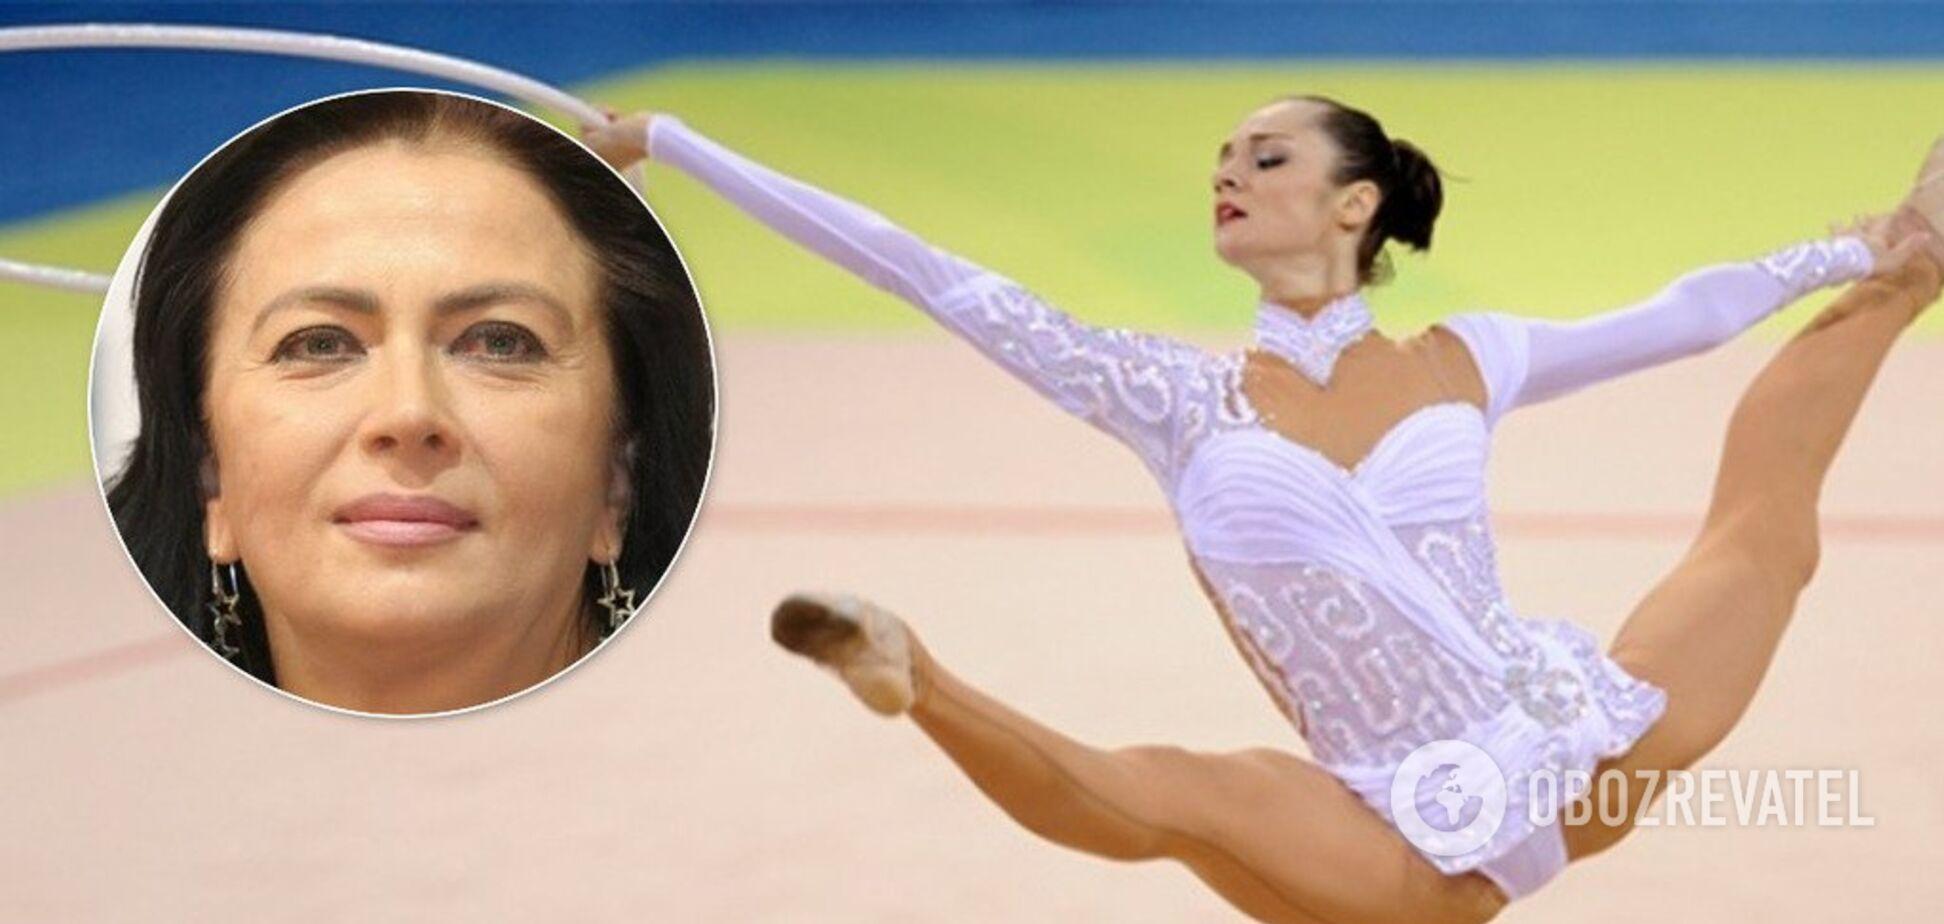 Украинские гимнастки едут в Россию: в Федерации нашли оправдание